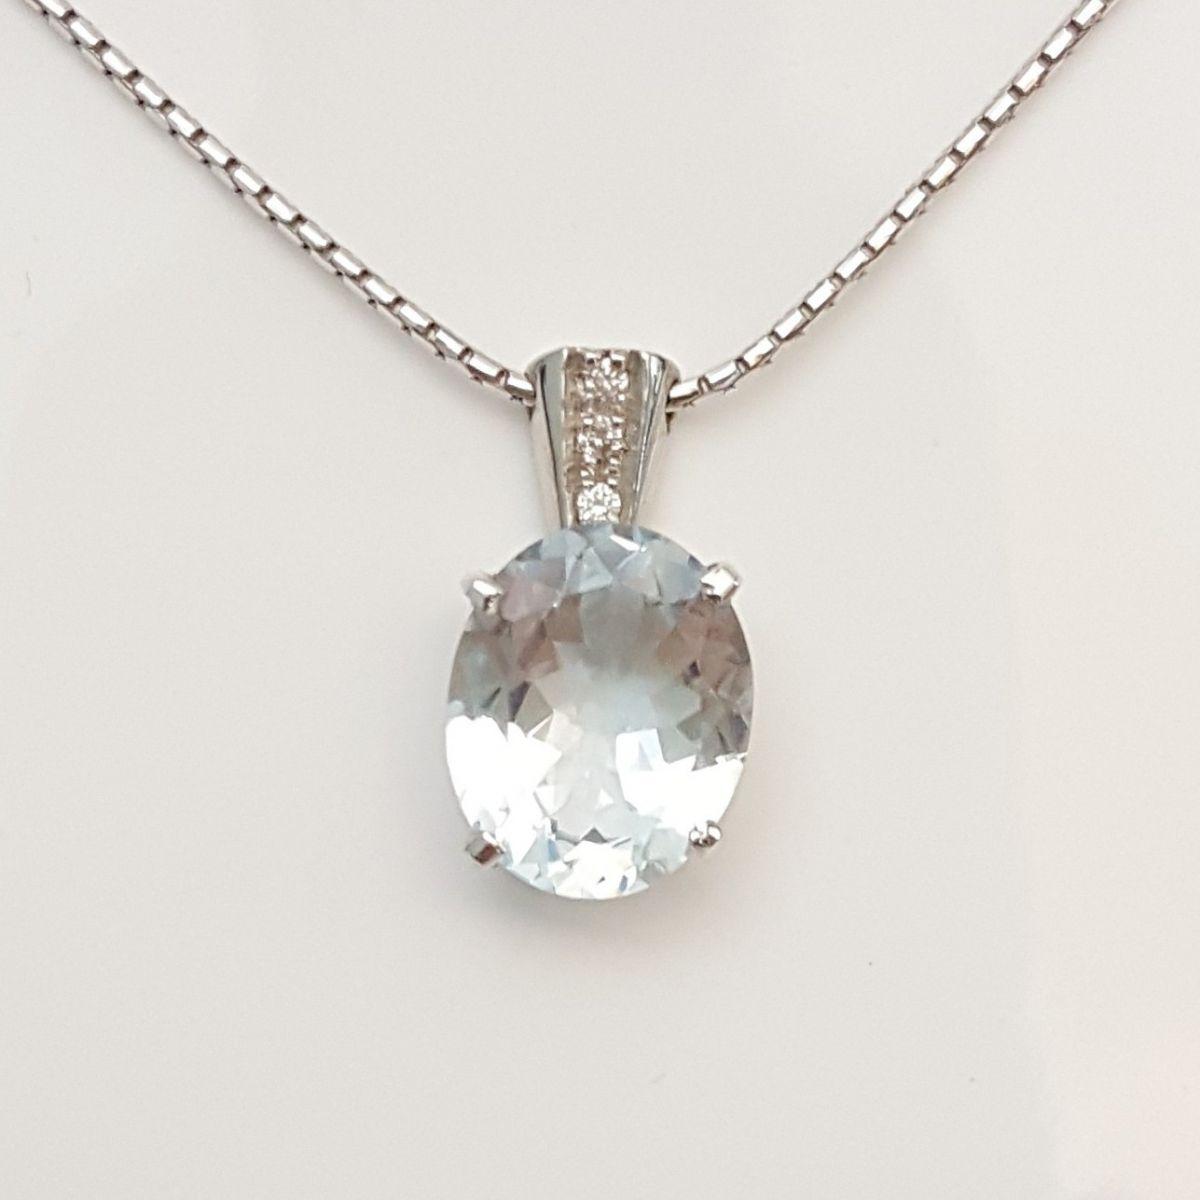 lusso scegli l'autorizzazione ottima qualità Collana Fogi COL8543/OB in Oro Bianco con Diamanti e Acquamarina